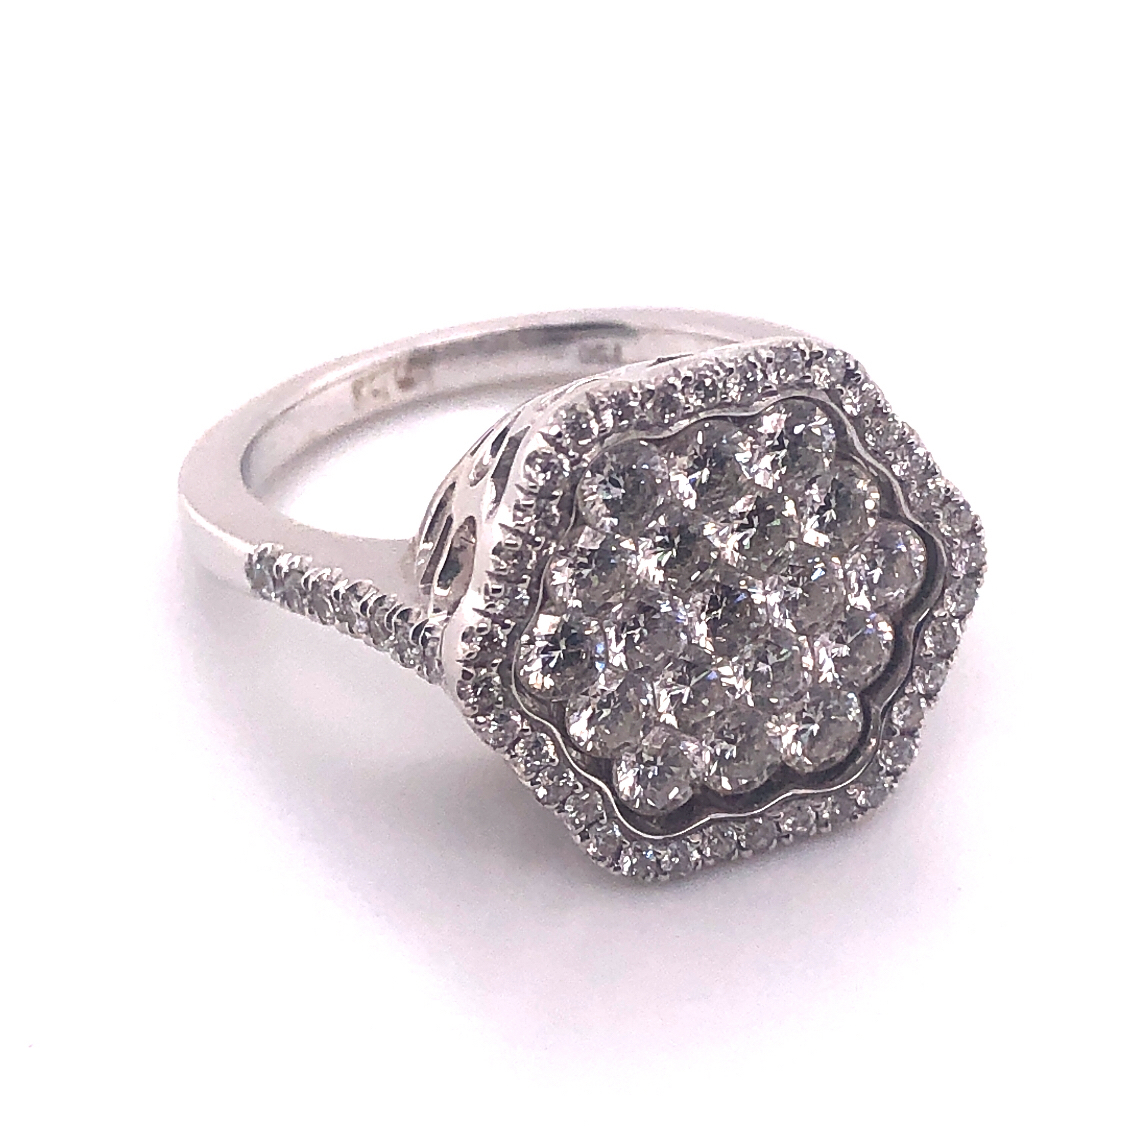 Кольцо из белого золота Бриллиант арт. ZK-035 Б ZK-035 Б